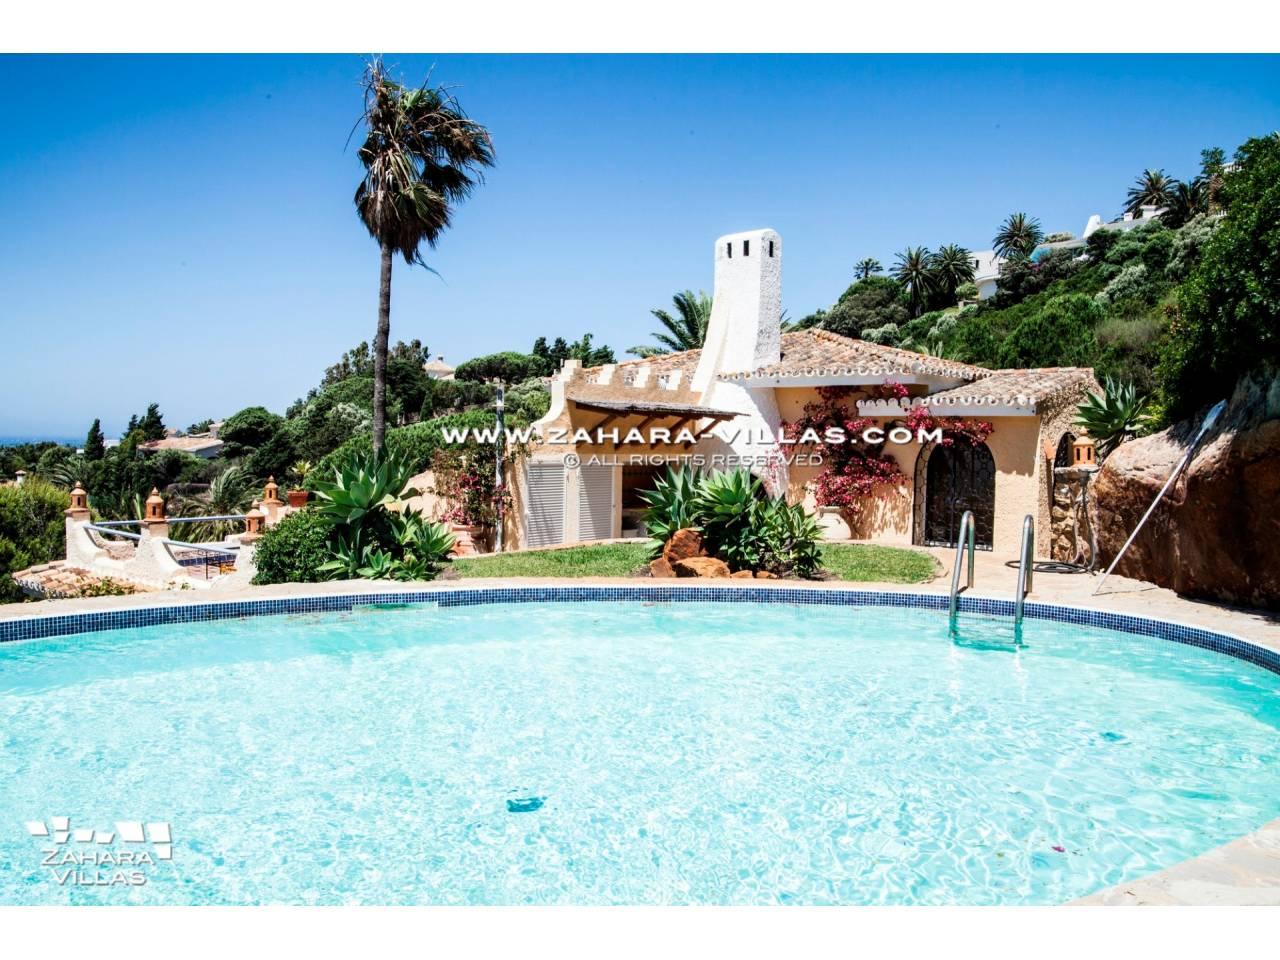 Imagen 2 de Estupendo Chalet Andaluz con impresionantes Vistas al mar